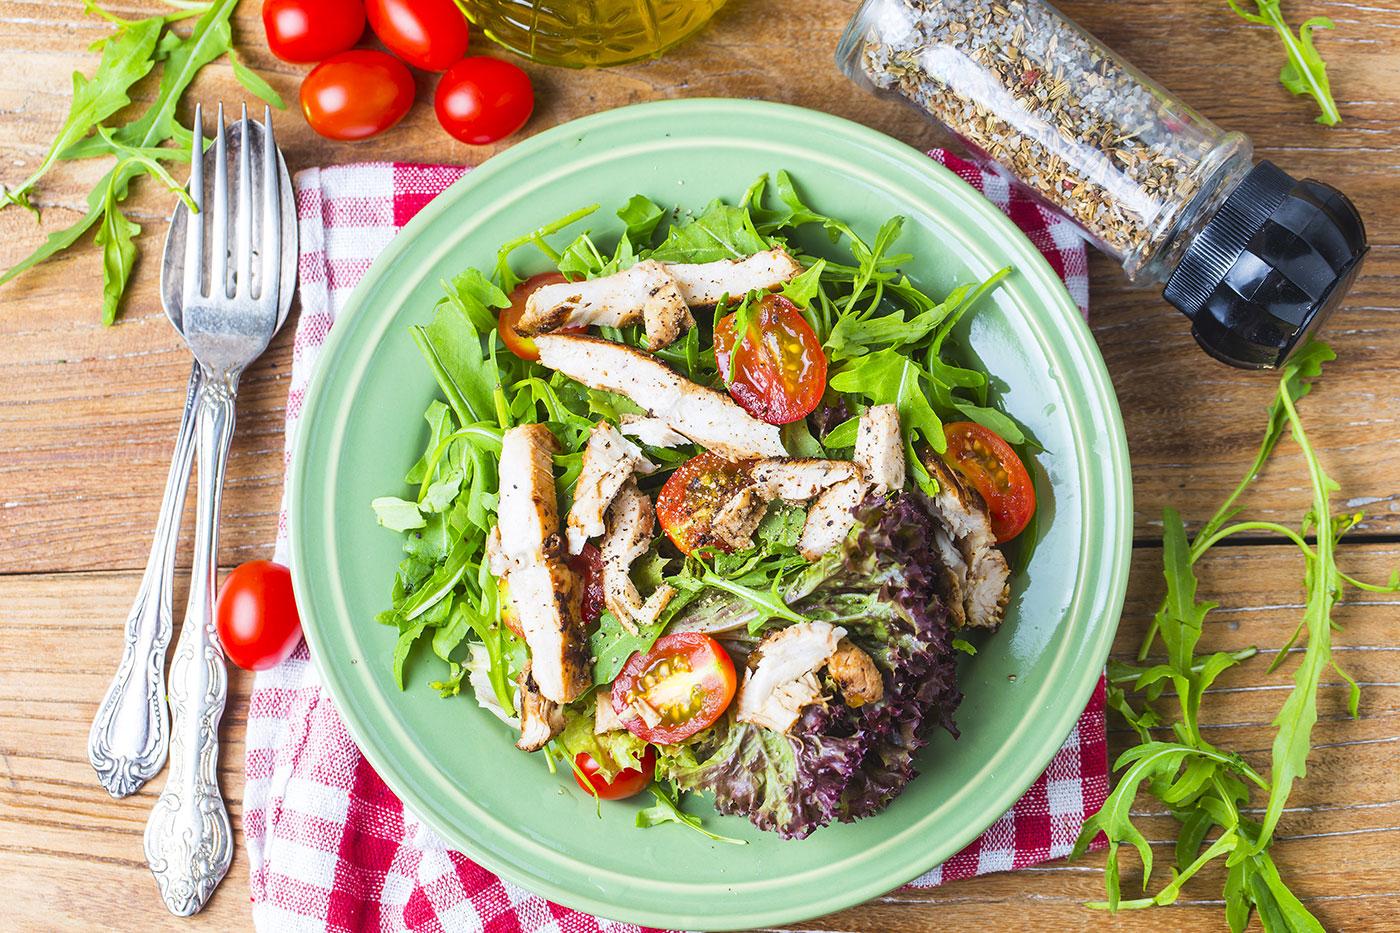 Правильный Ужин Не Для Похудения. Здоровый ужин для похудения: рецепты, меню на неделю